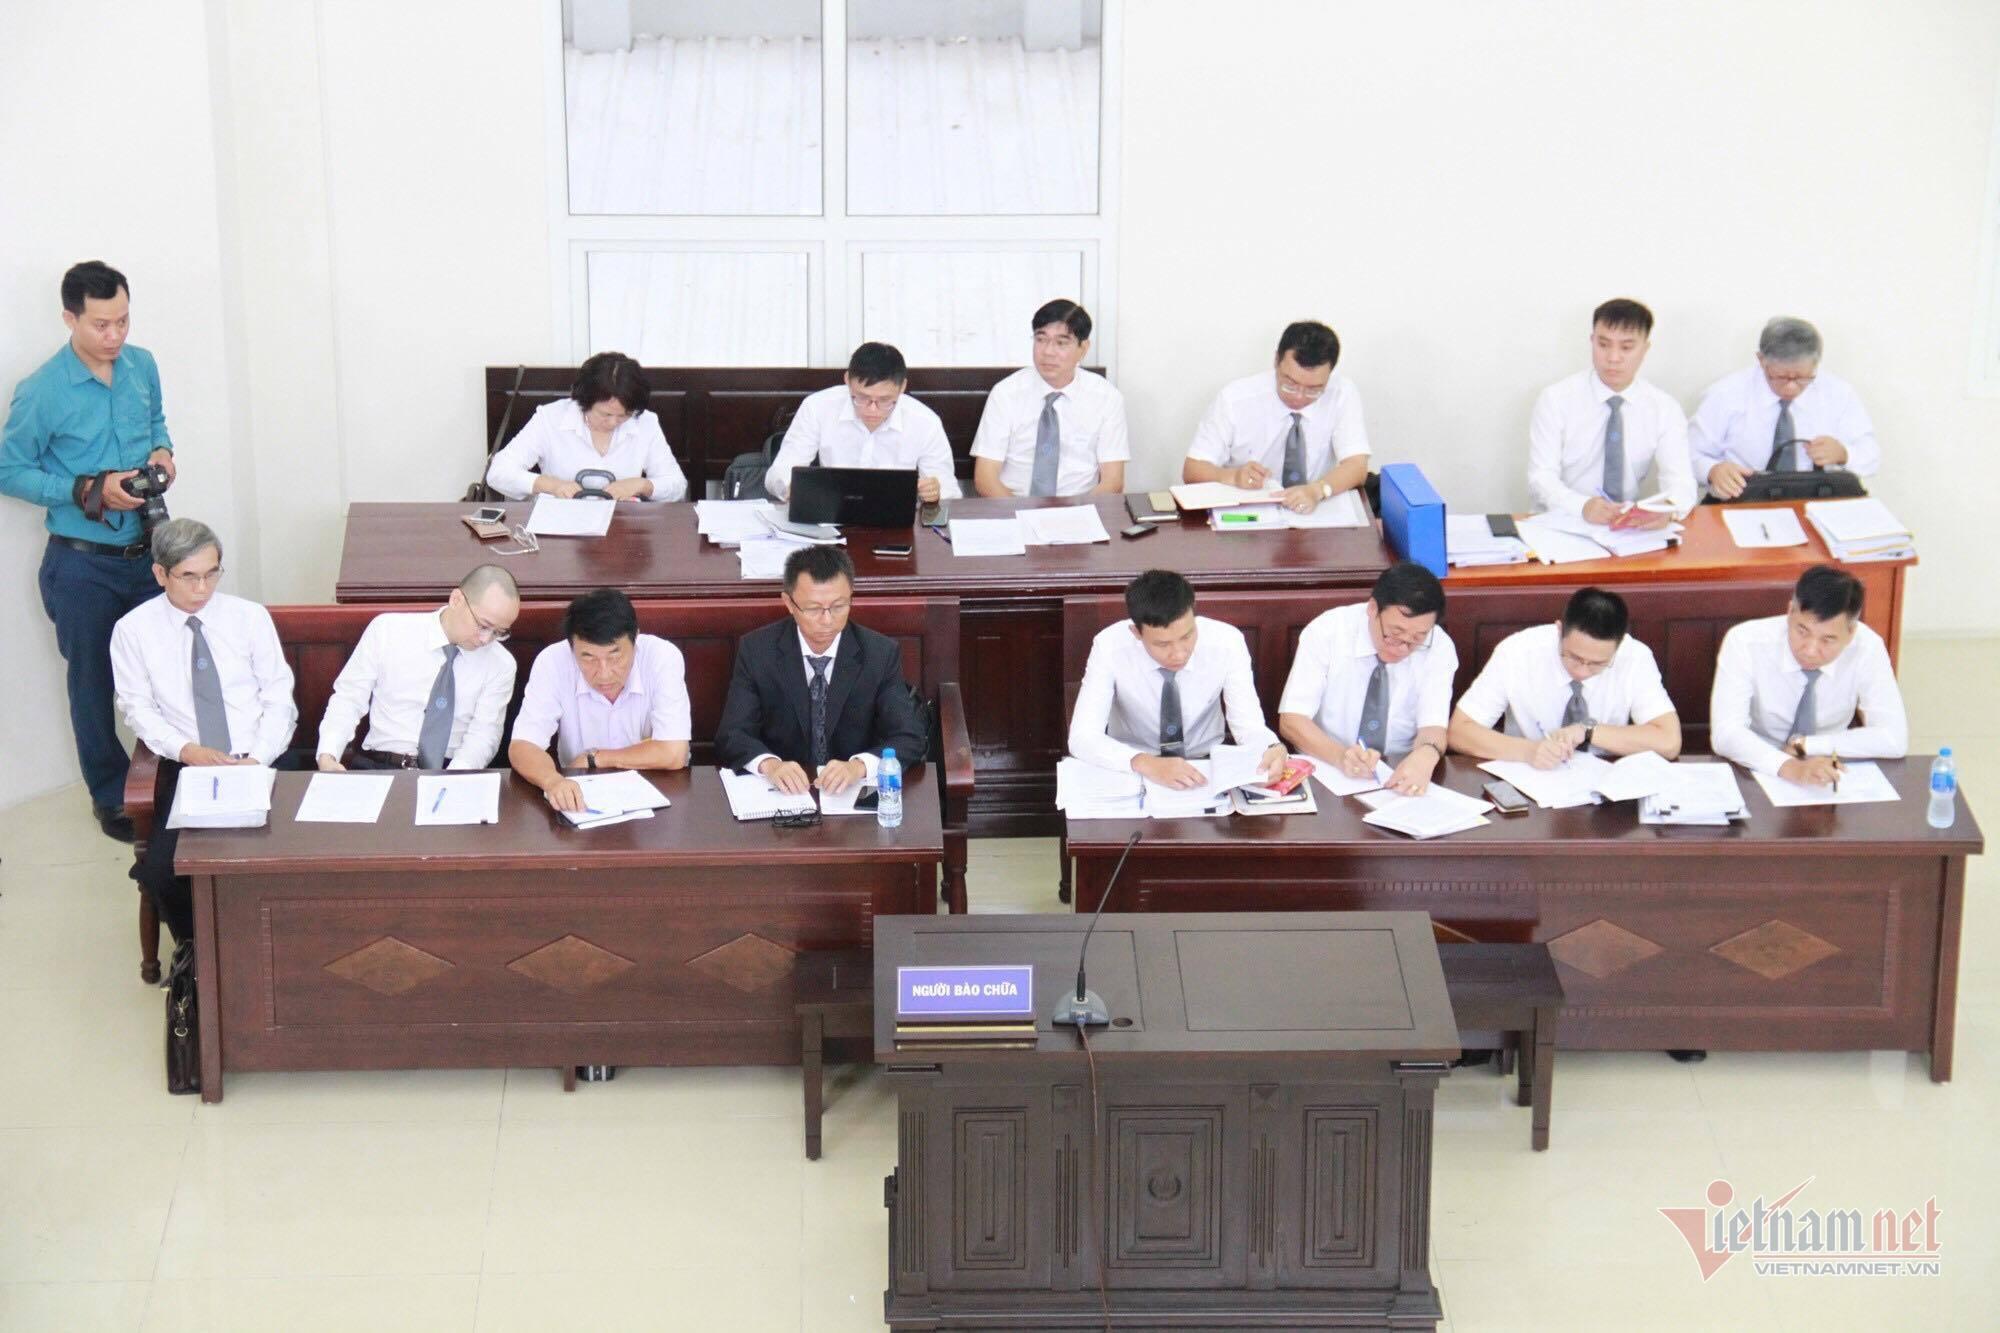 Cựu Thứ trưởng Bộ LĐ-TB&XH Lê Bạch Hồng cùng đồng phạm hầu tòa